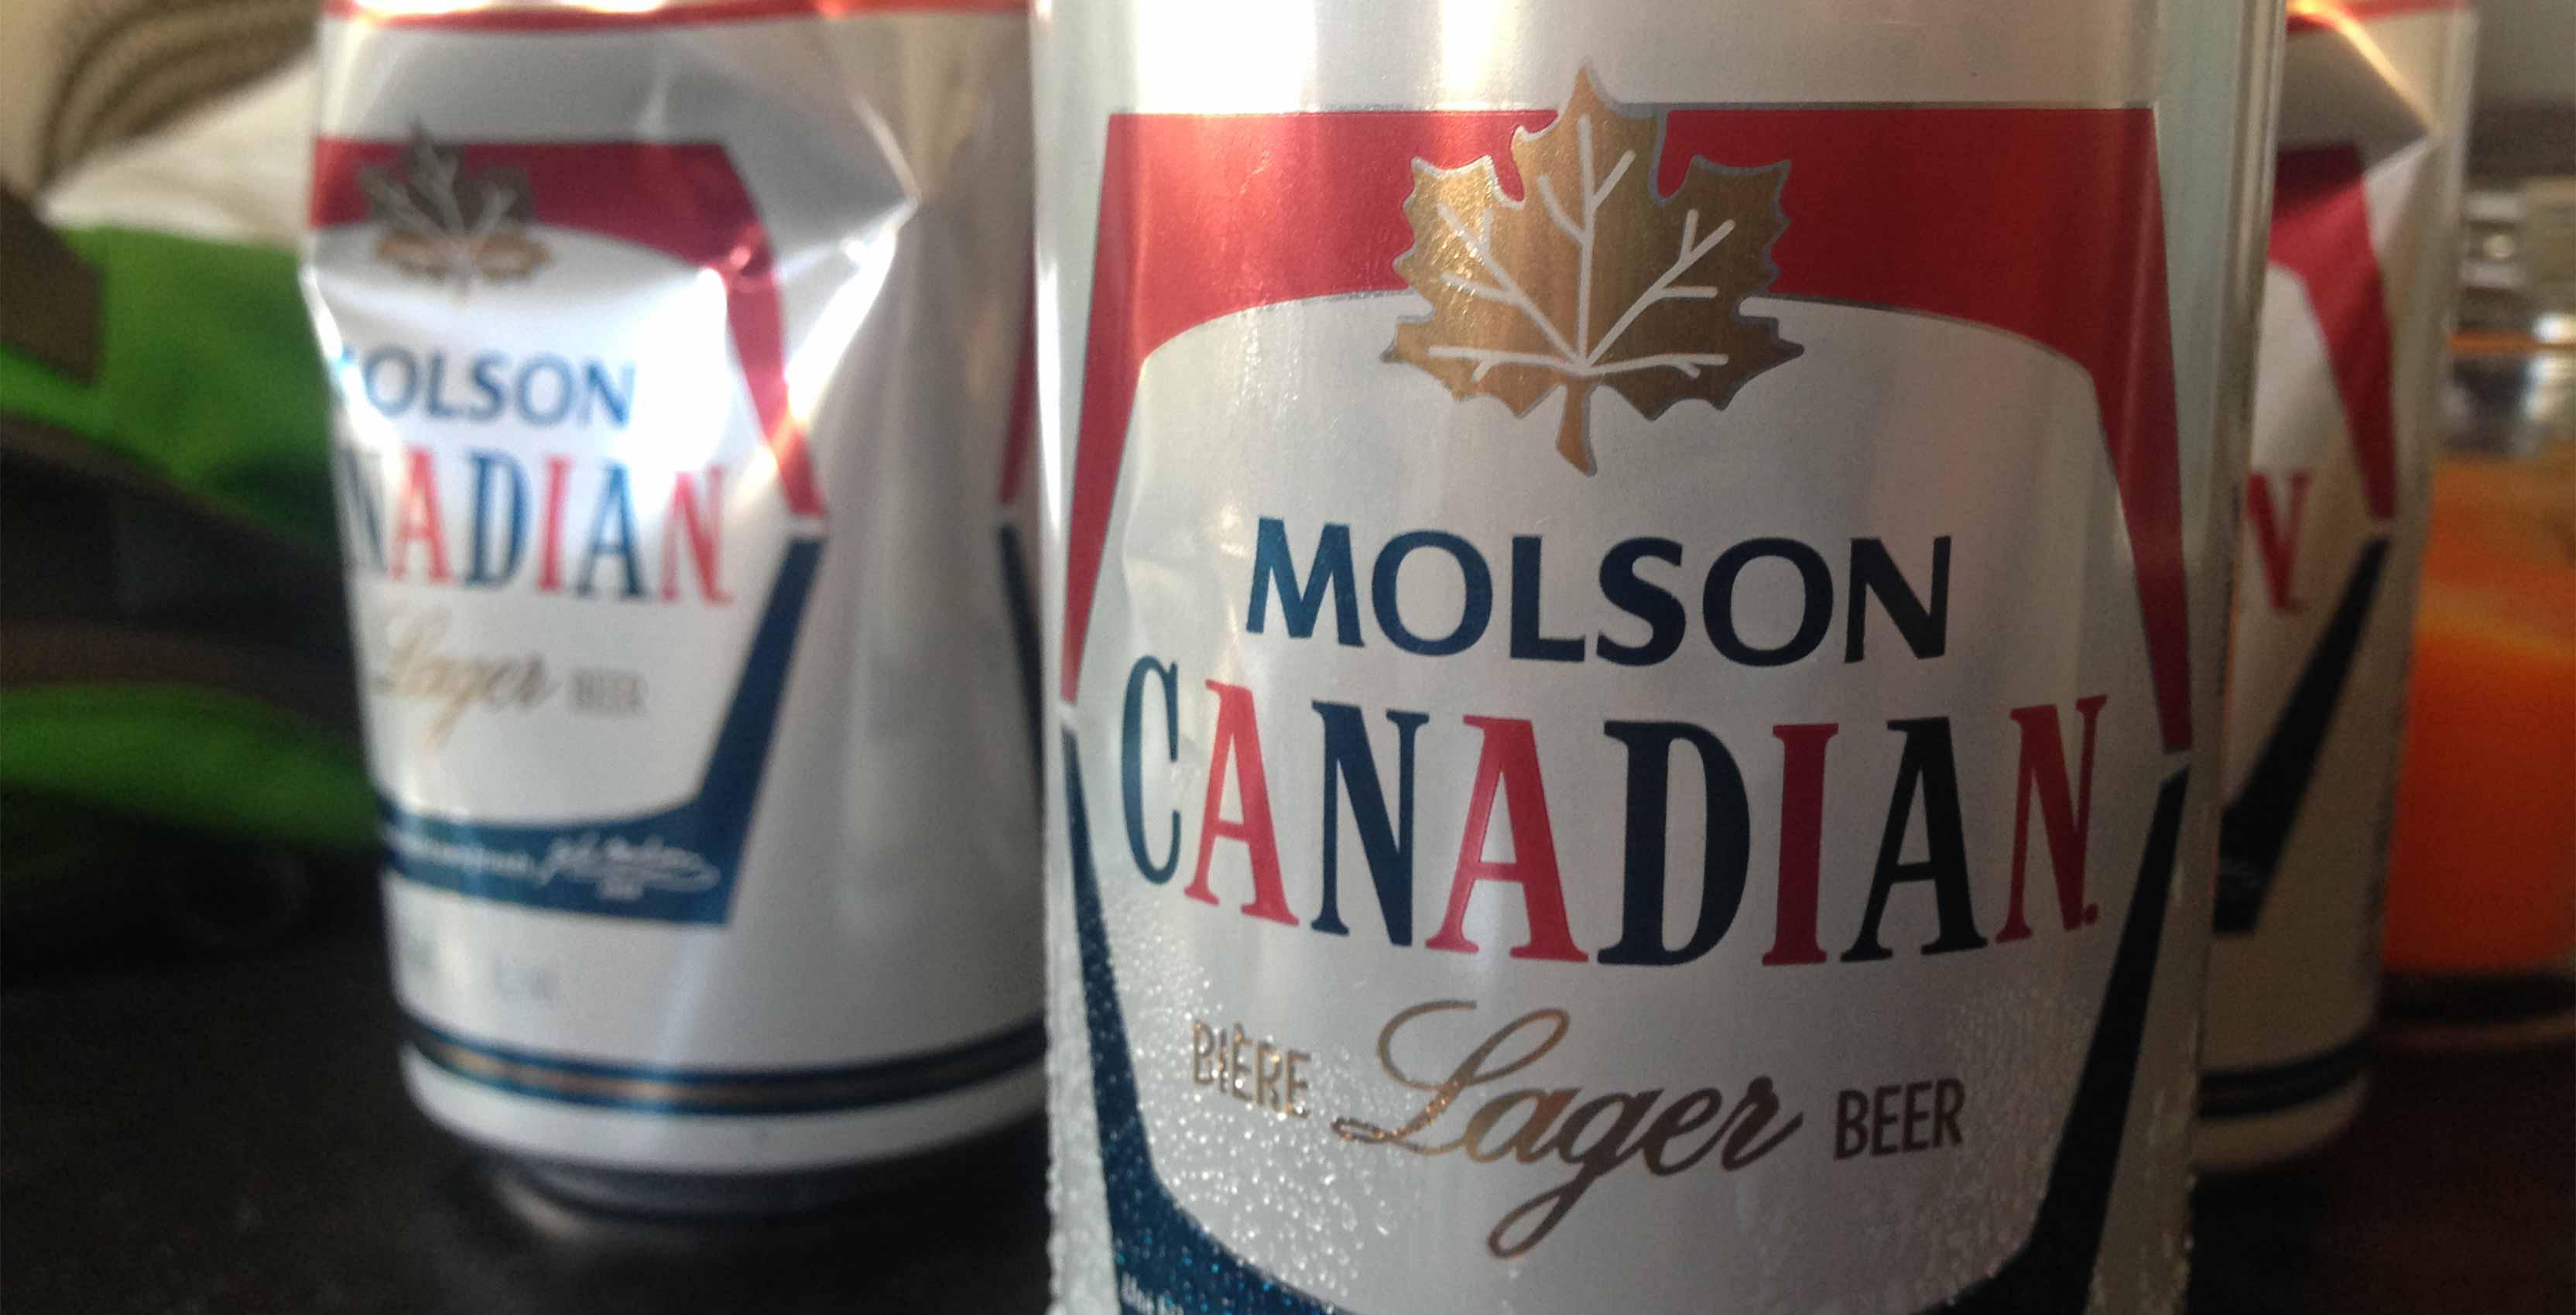 Molson Canadian can - NHL Sportsnet